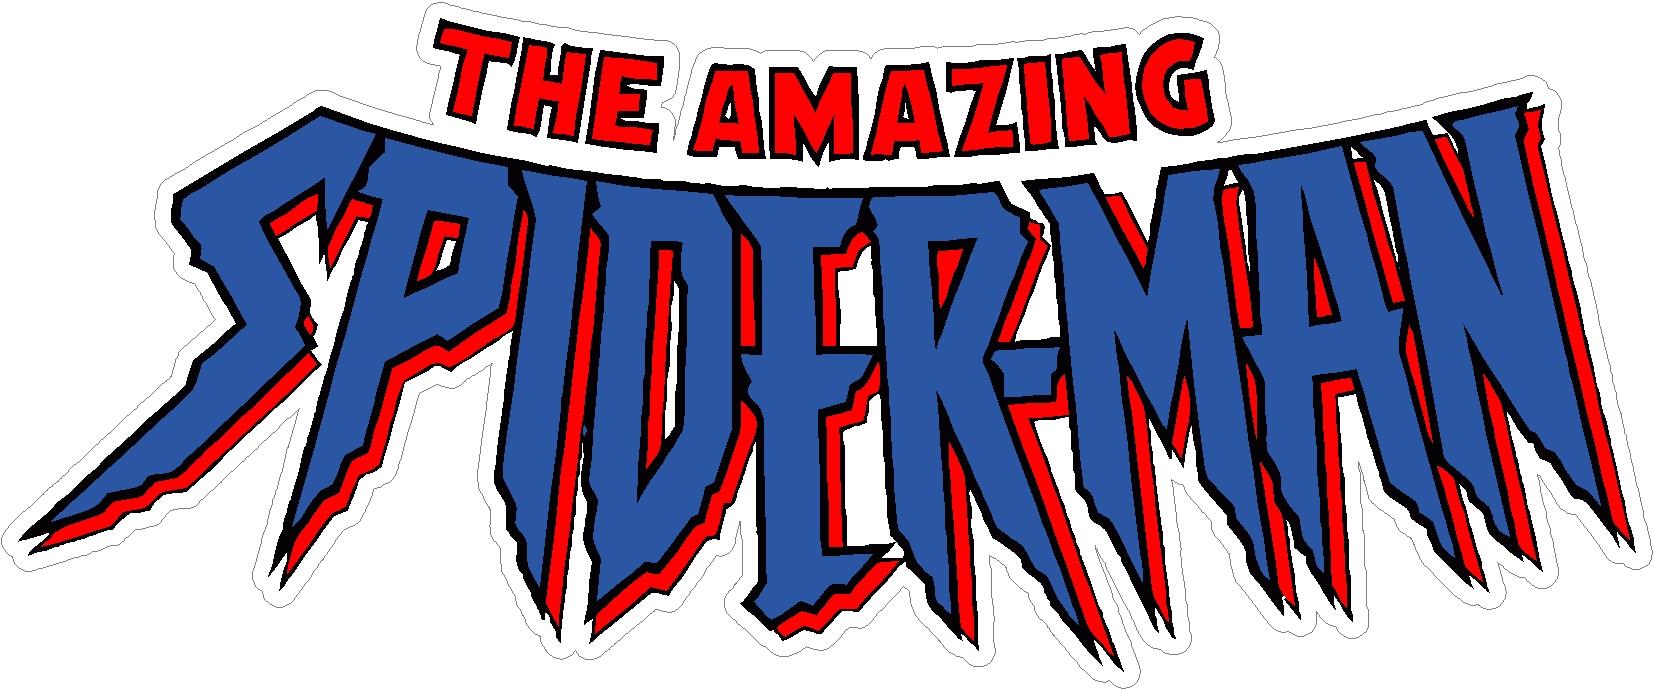 Dessins En Couleurs à Imprimer Spiderman Numéro 22321: Dessins En Couleurs à Imprimer : Spiderman, Numéro : 69433